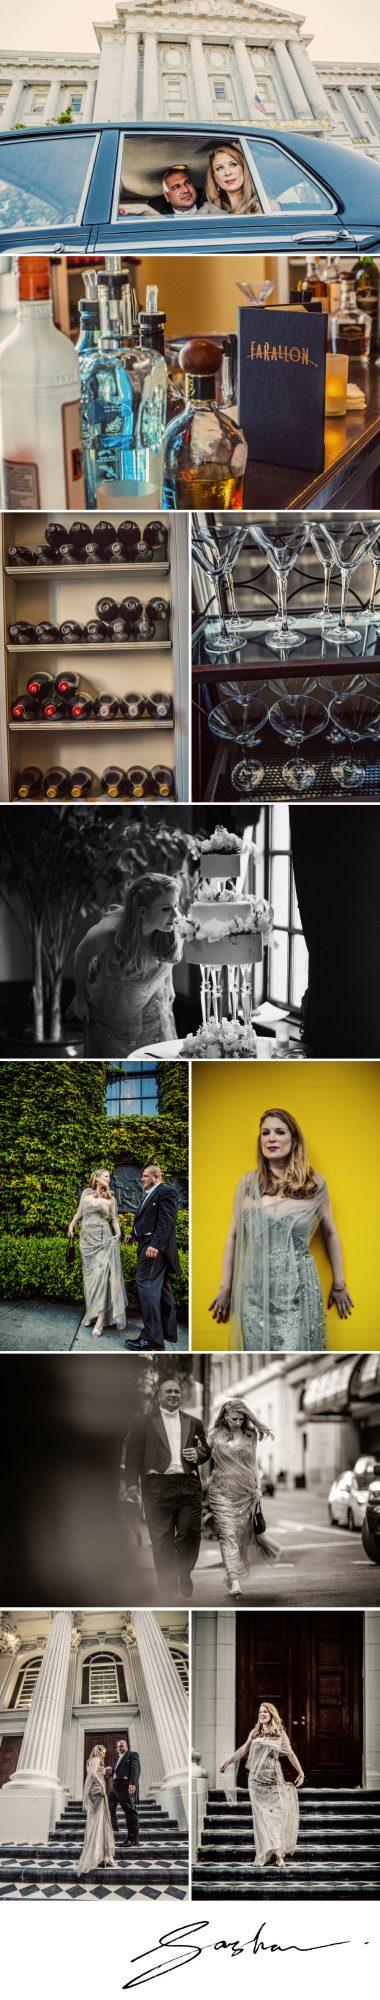 farallon wedding reception